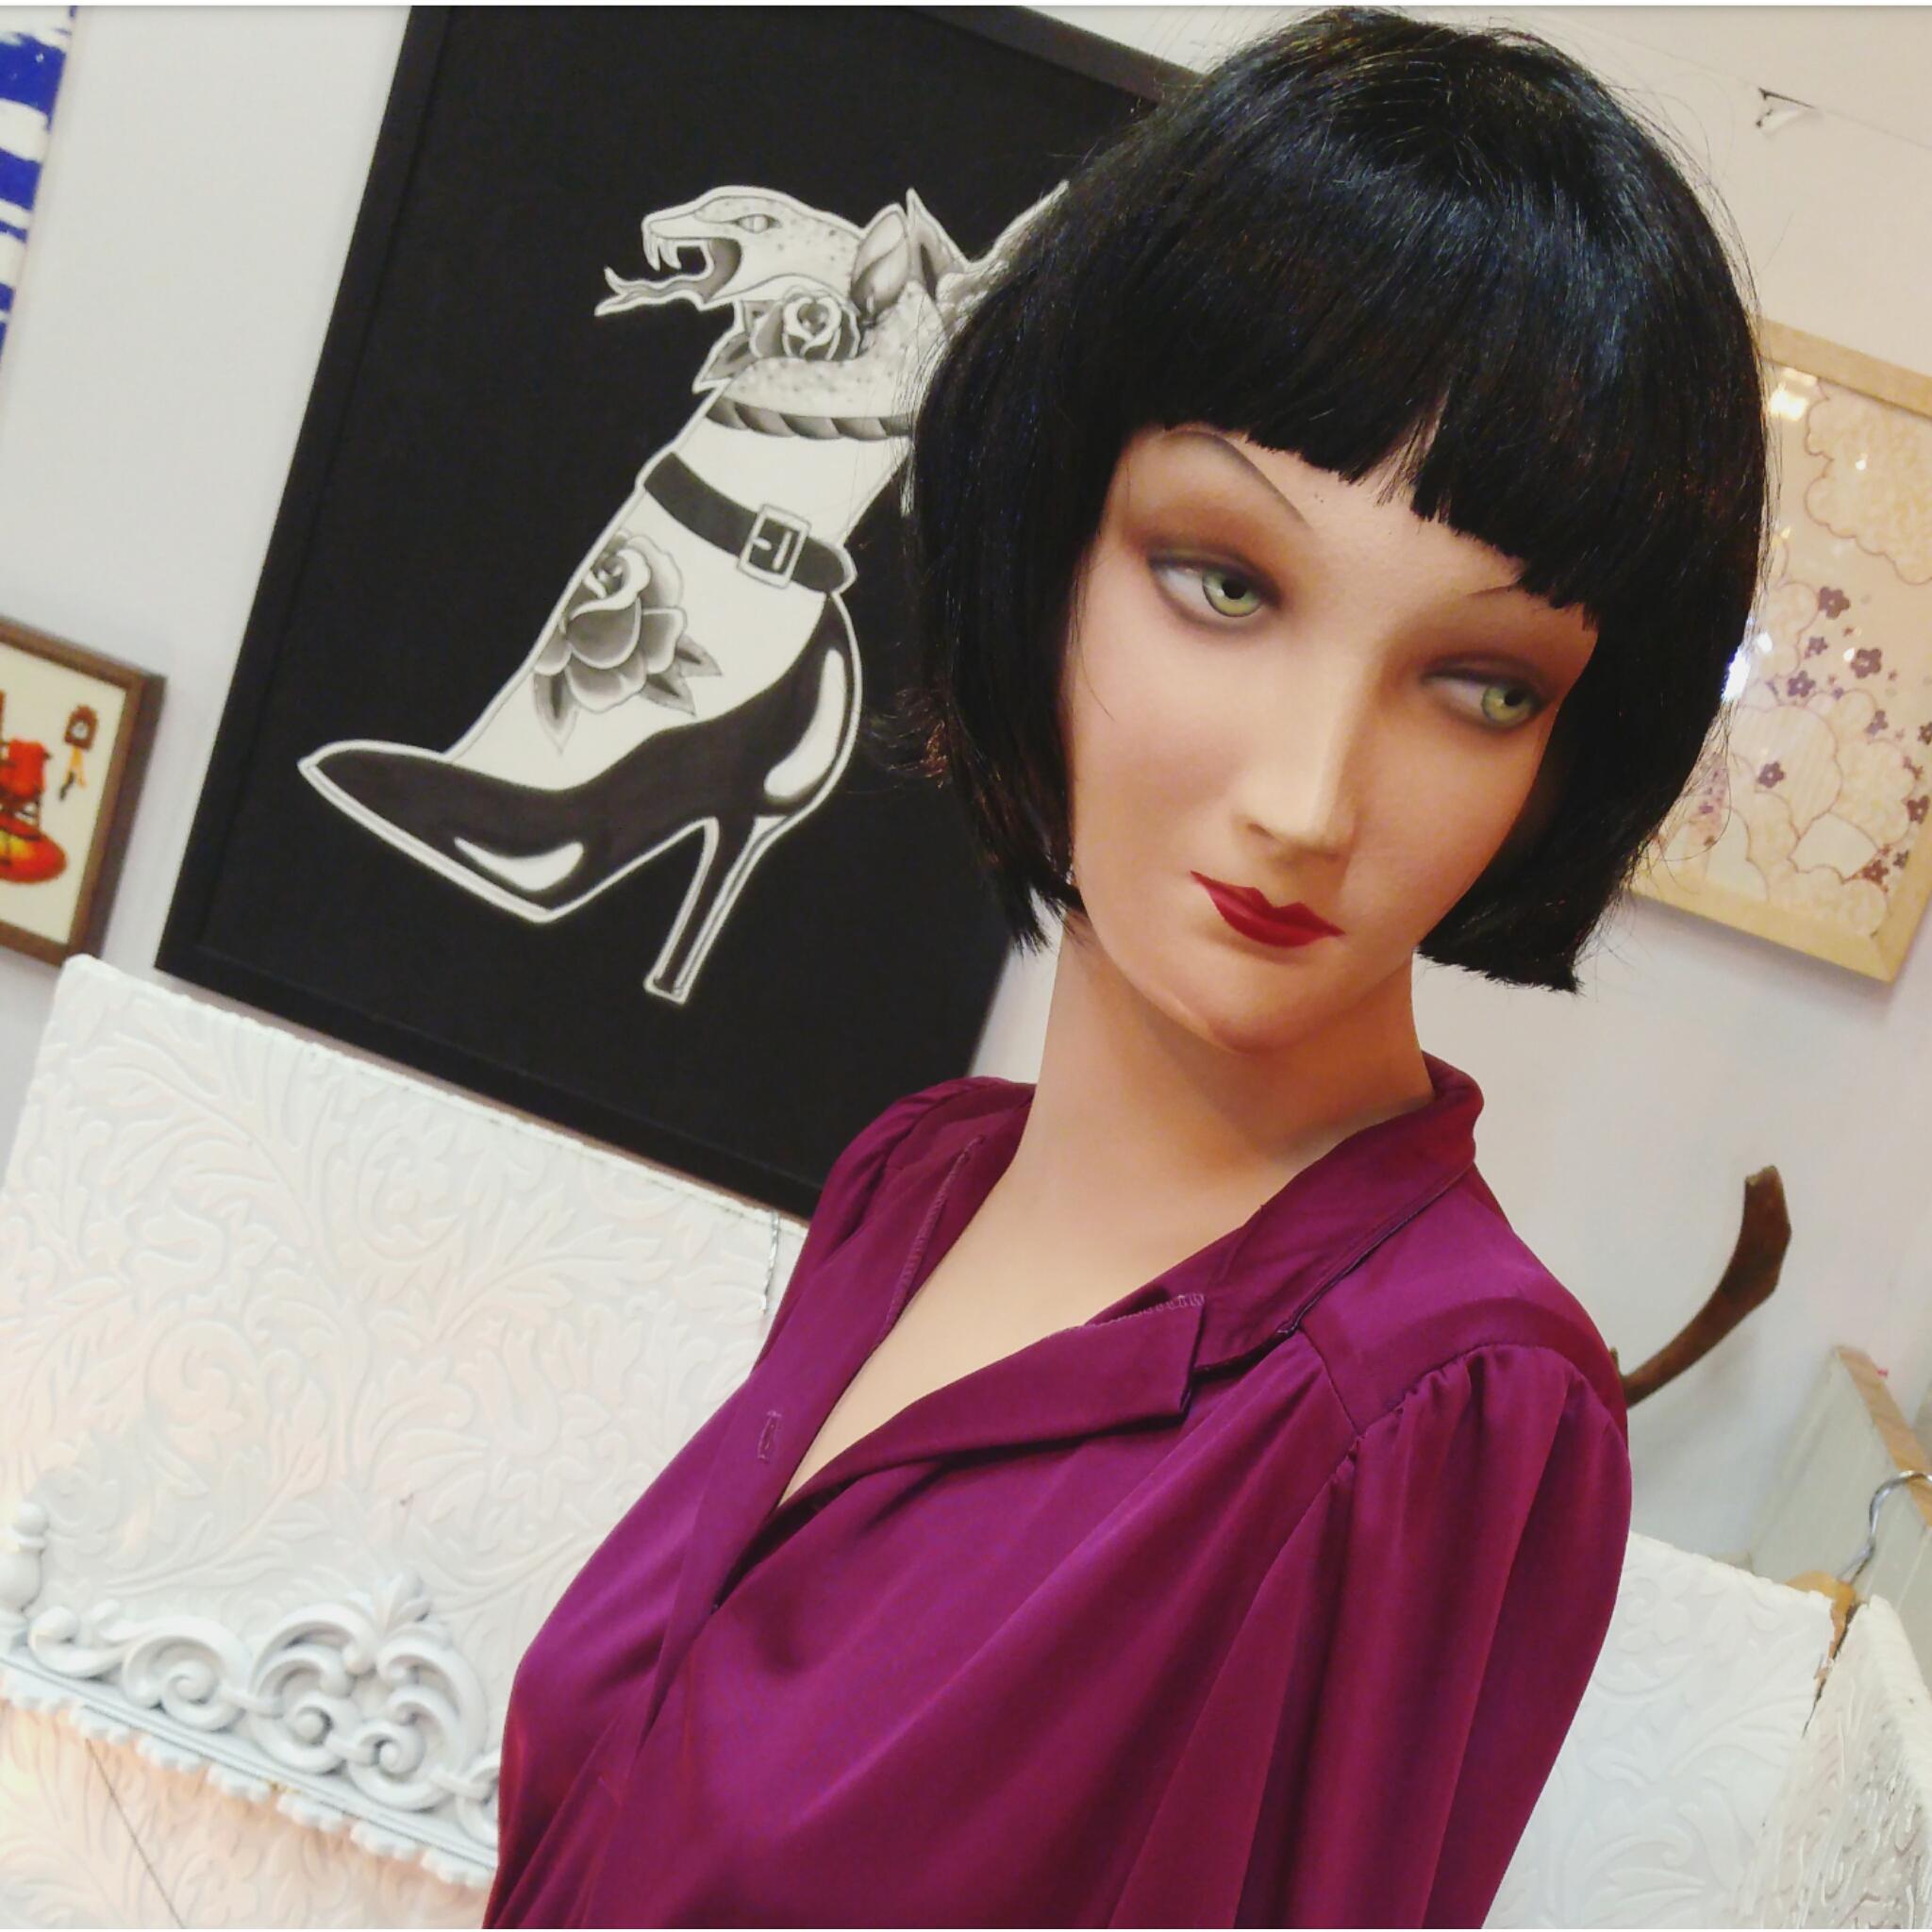 aminda-wood-1970s-dress-vintage.jpg